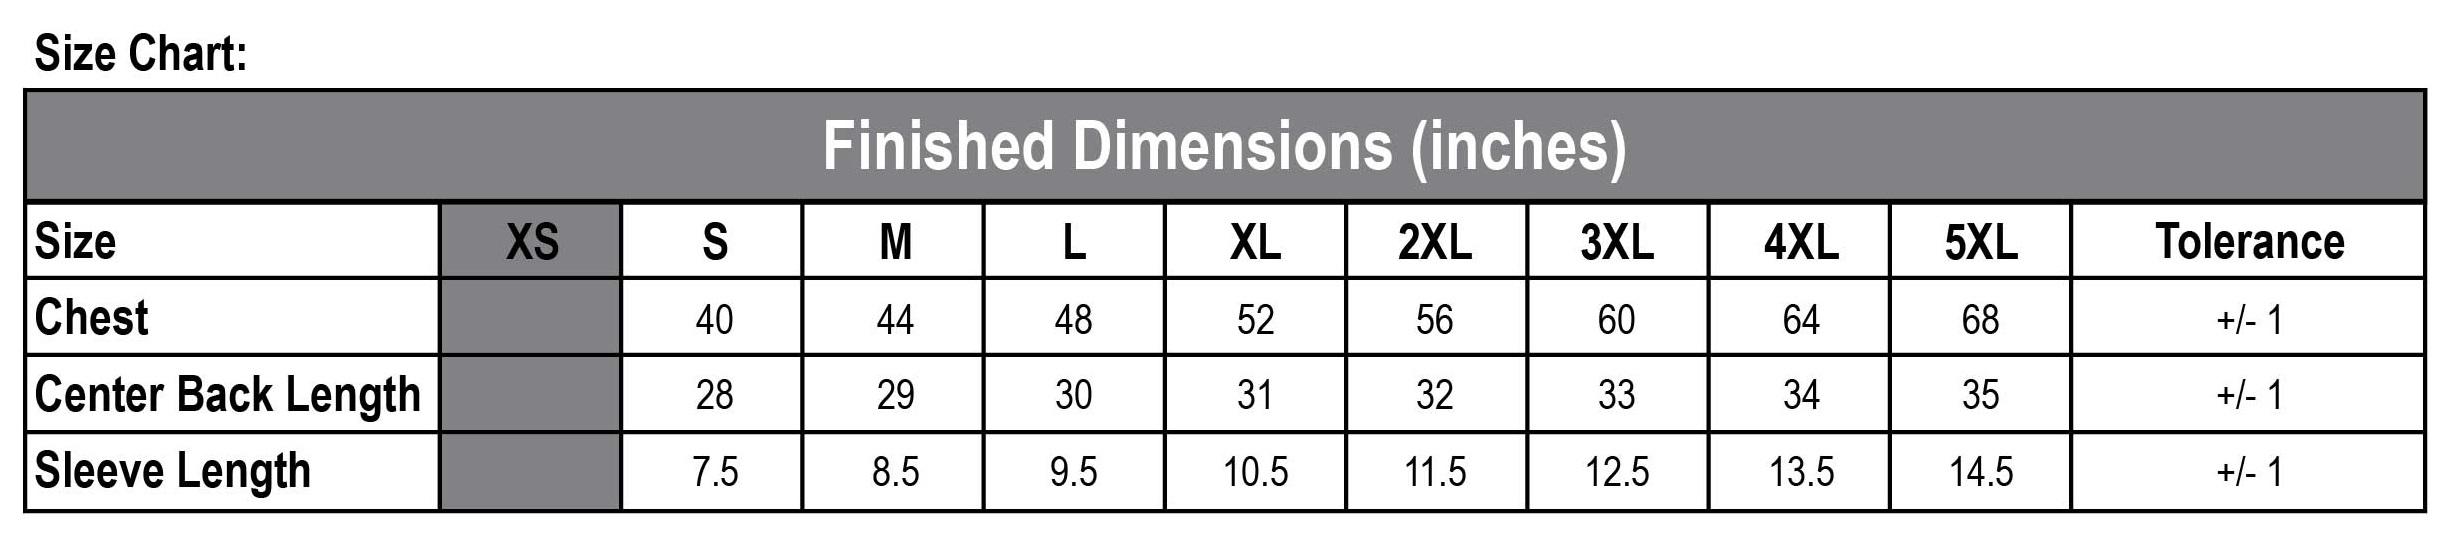 D3560 Size Chart